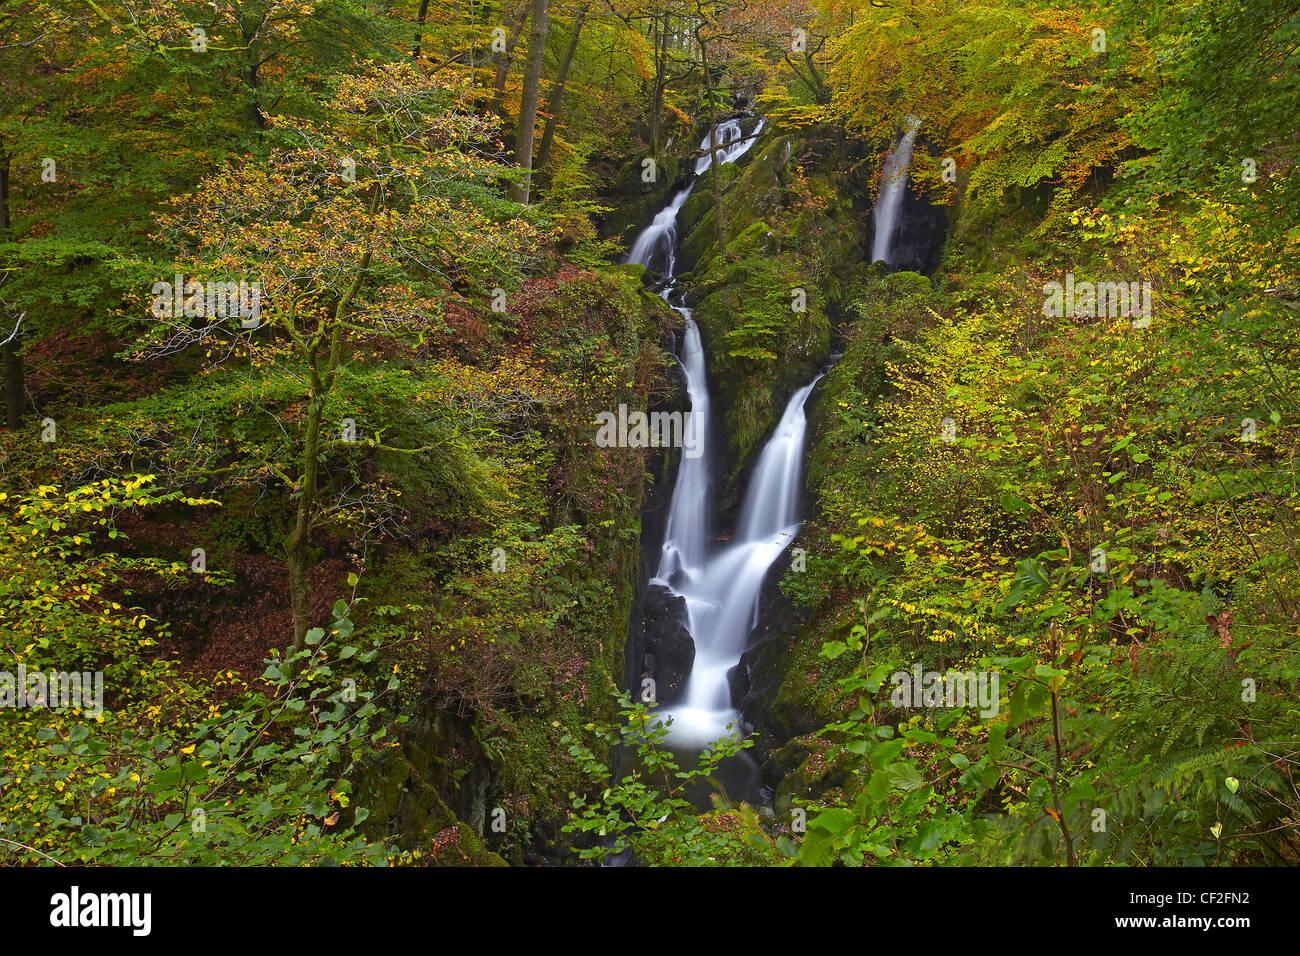 Stock Ghyll fuerza, una espectacular cascada de 70 pies en el otoño. Imagen De Stock